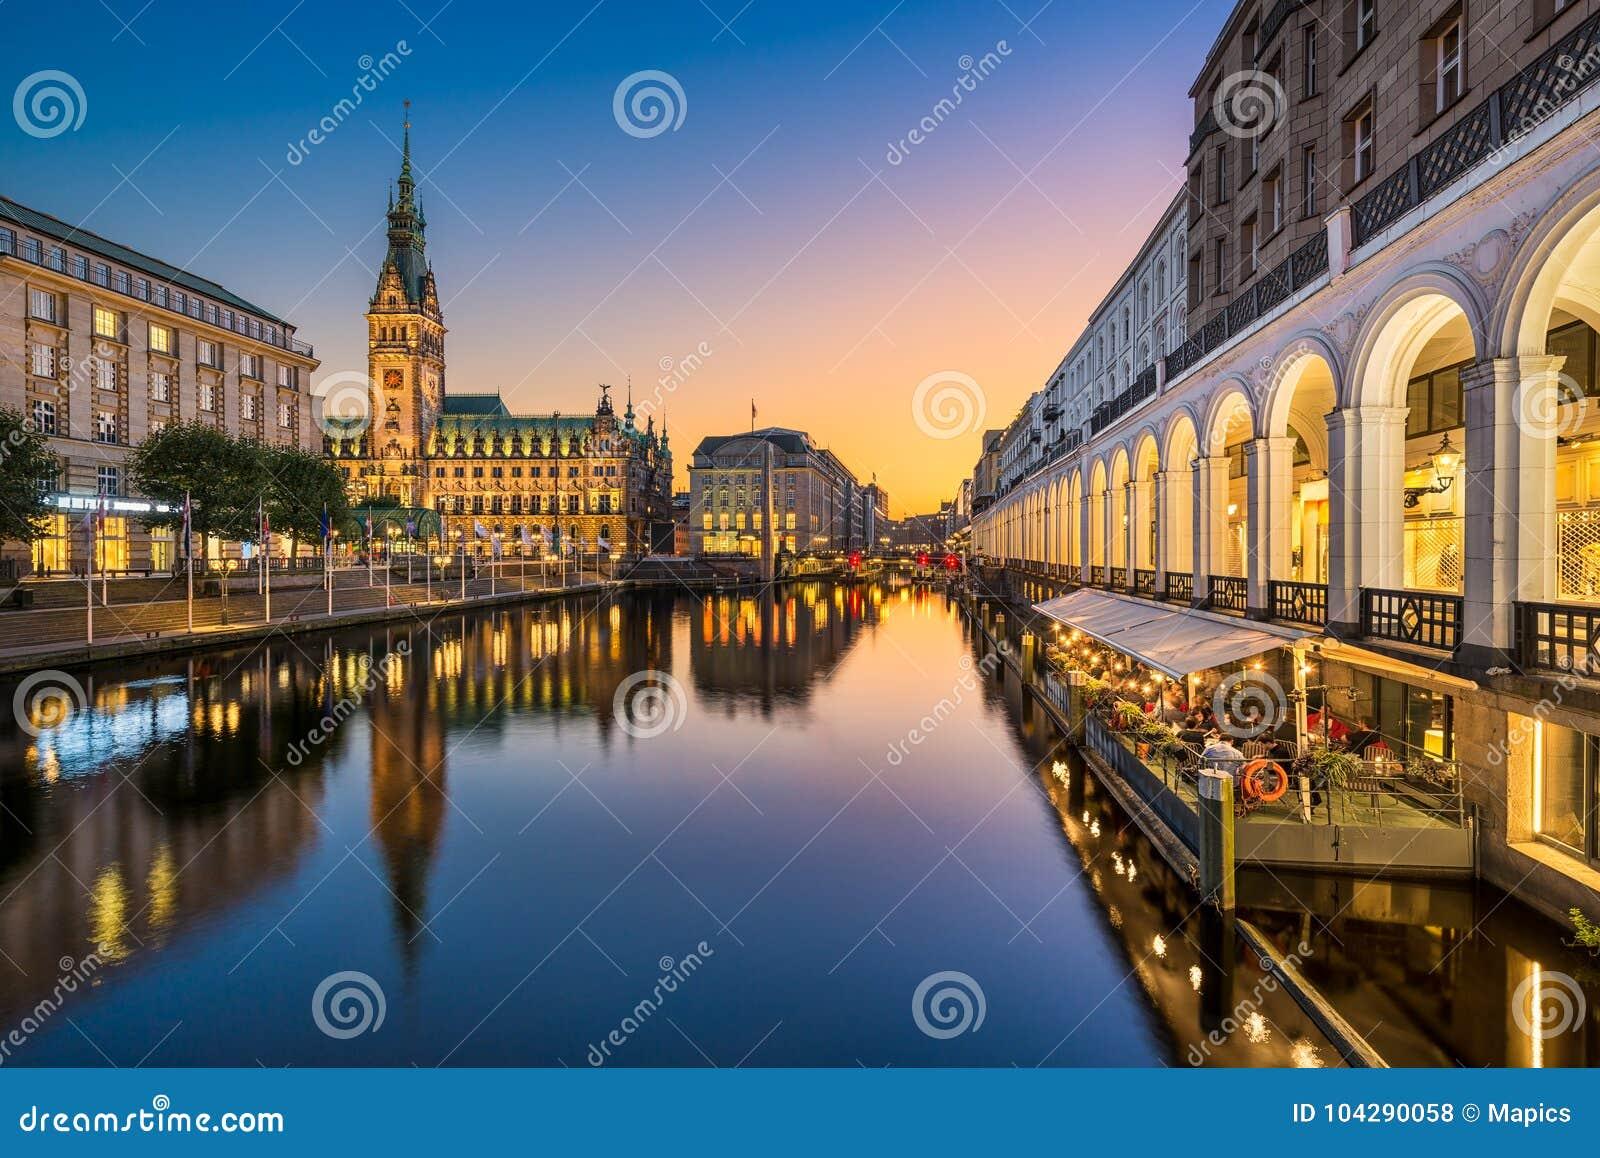 Download 汉堡,德国市政厅 库存照片. 图片 包括有 著名, 都市风景, 晚上, 视图, 汉堡, 拱道, 日落, 城市 - 104290058